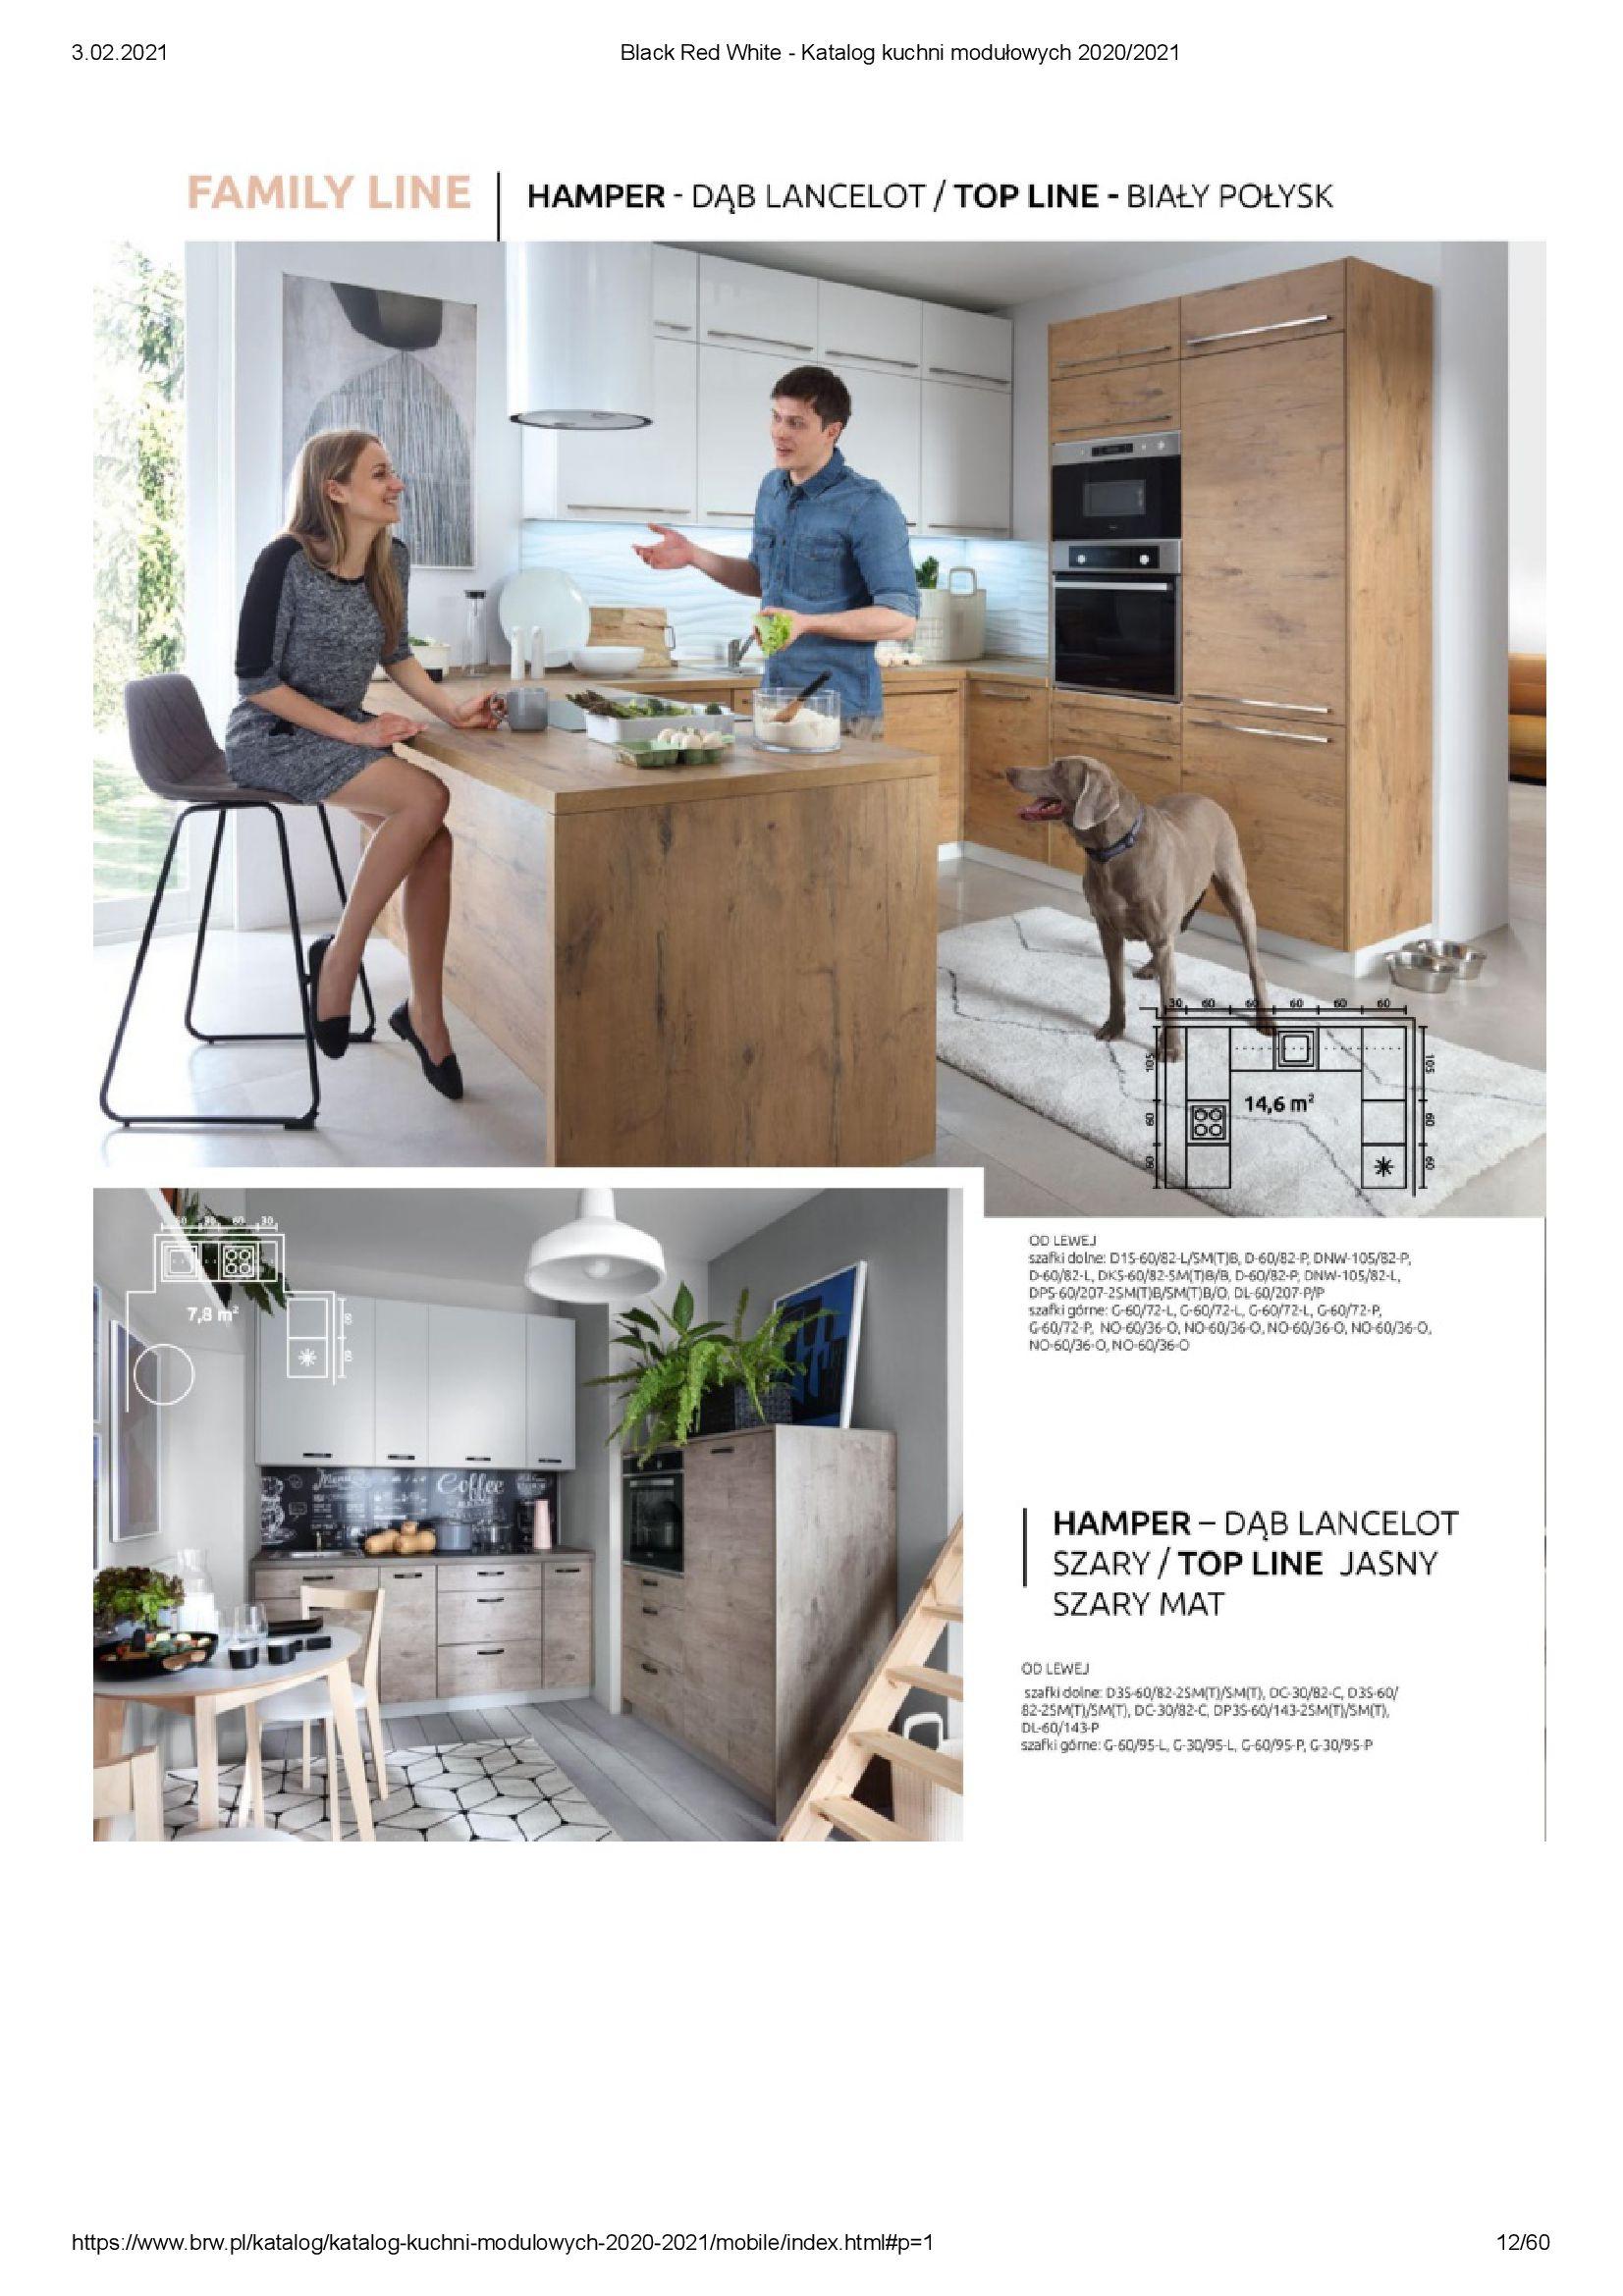 Gazetka Black Red White: Katalog - Kuchnie modułowe 2020/2021 2021-01-01 page-12